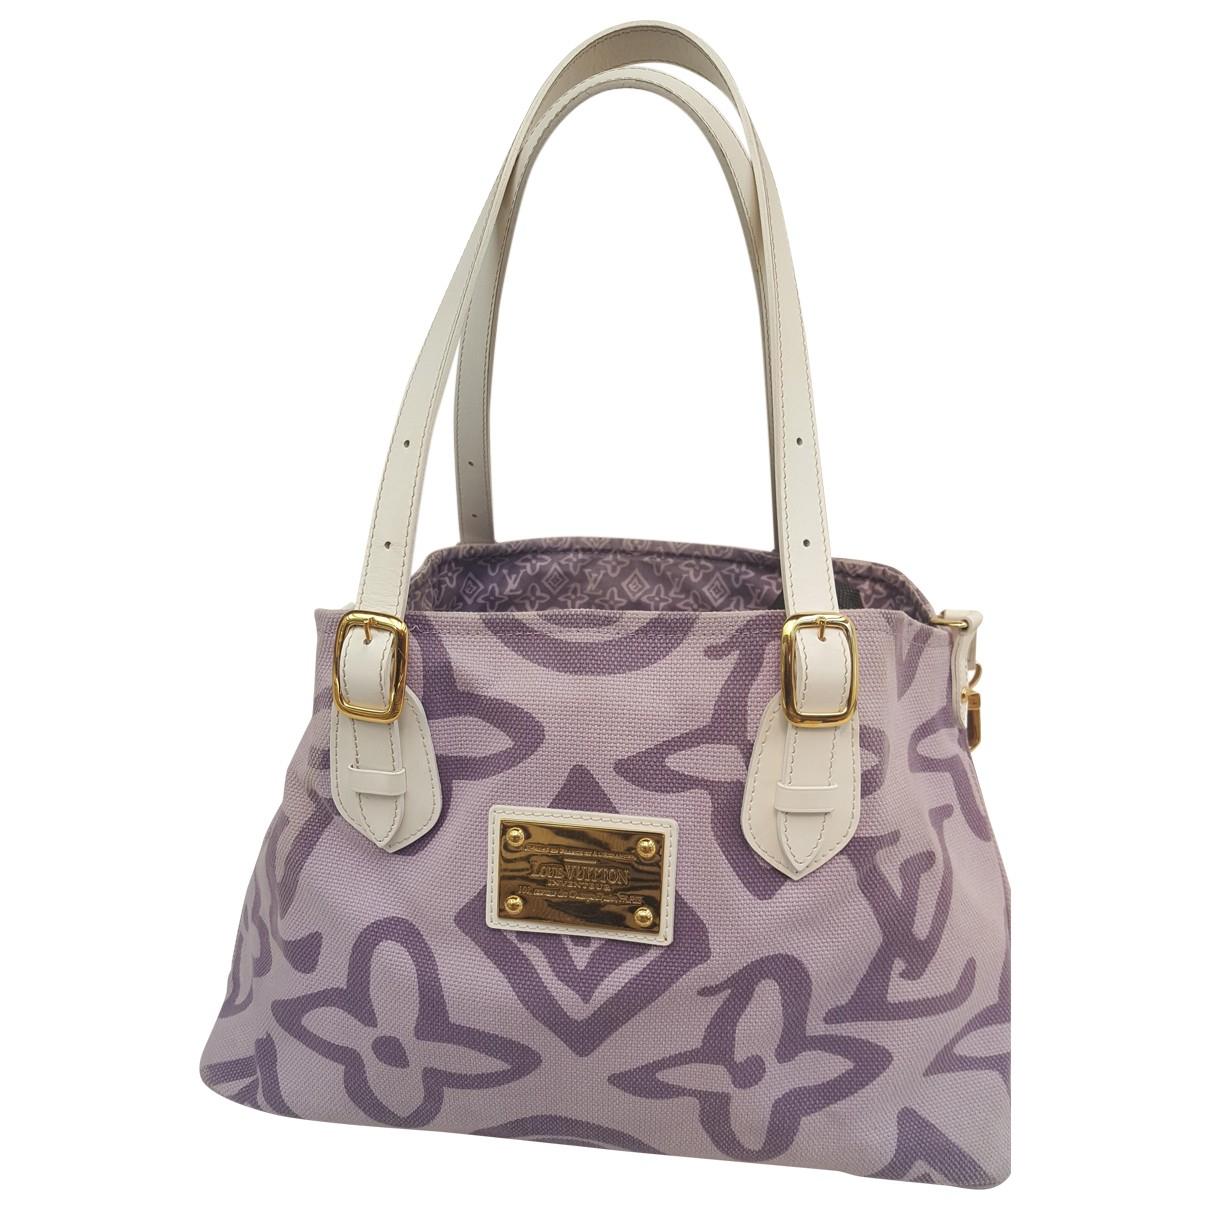 Louis Vuitton - Sac a main   pour femme en coton - violet